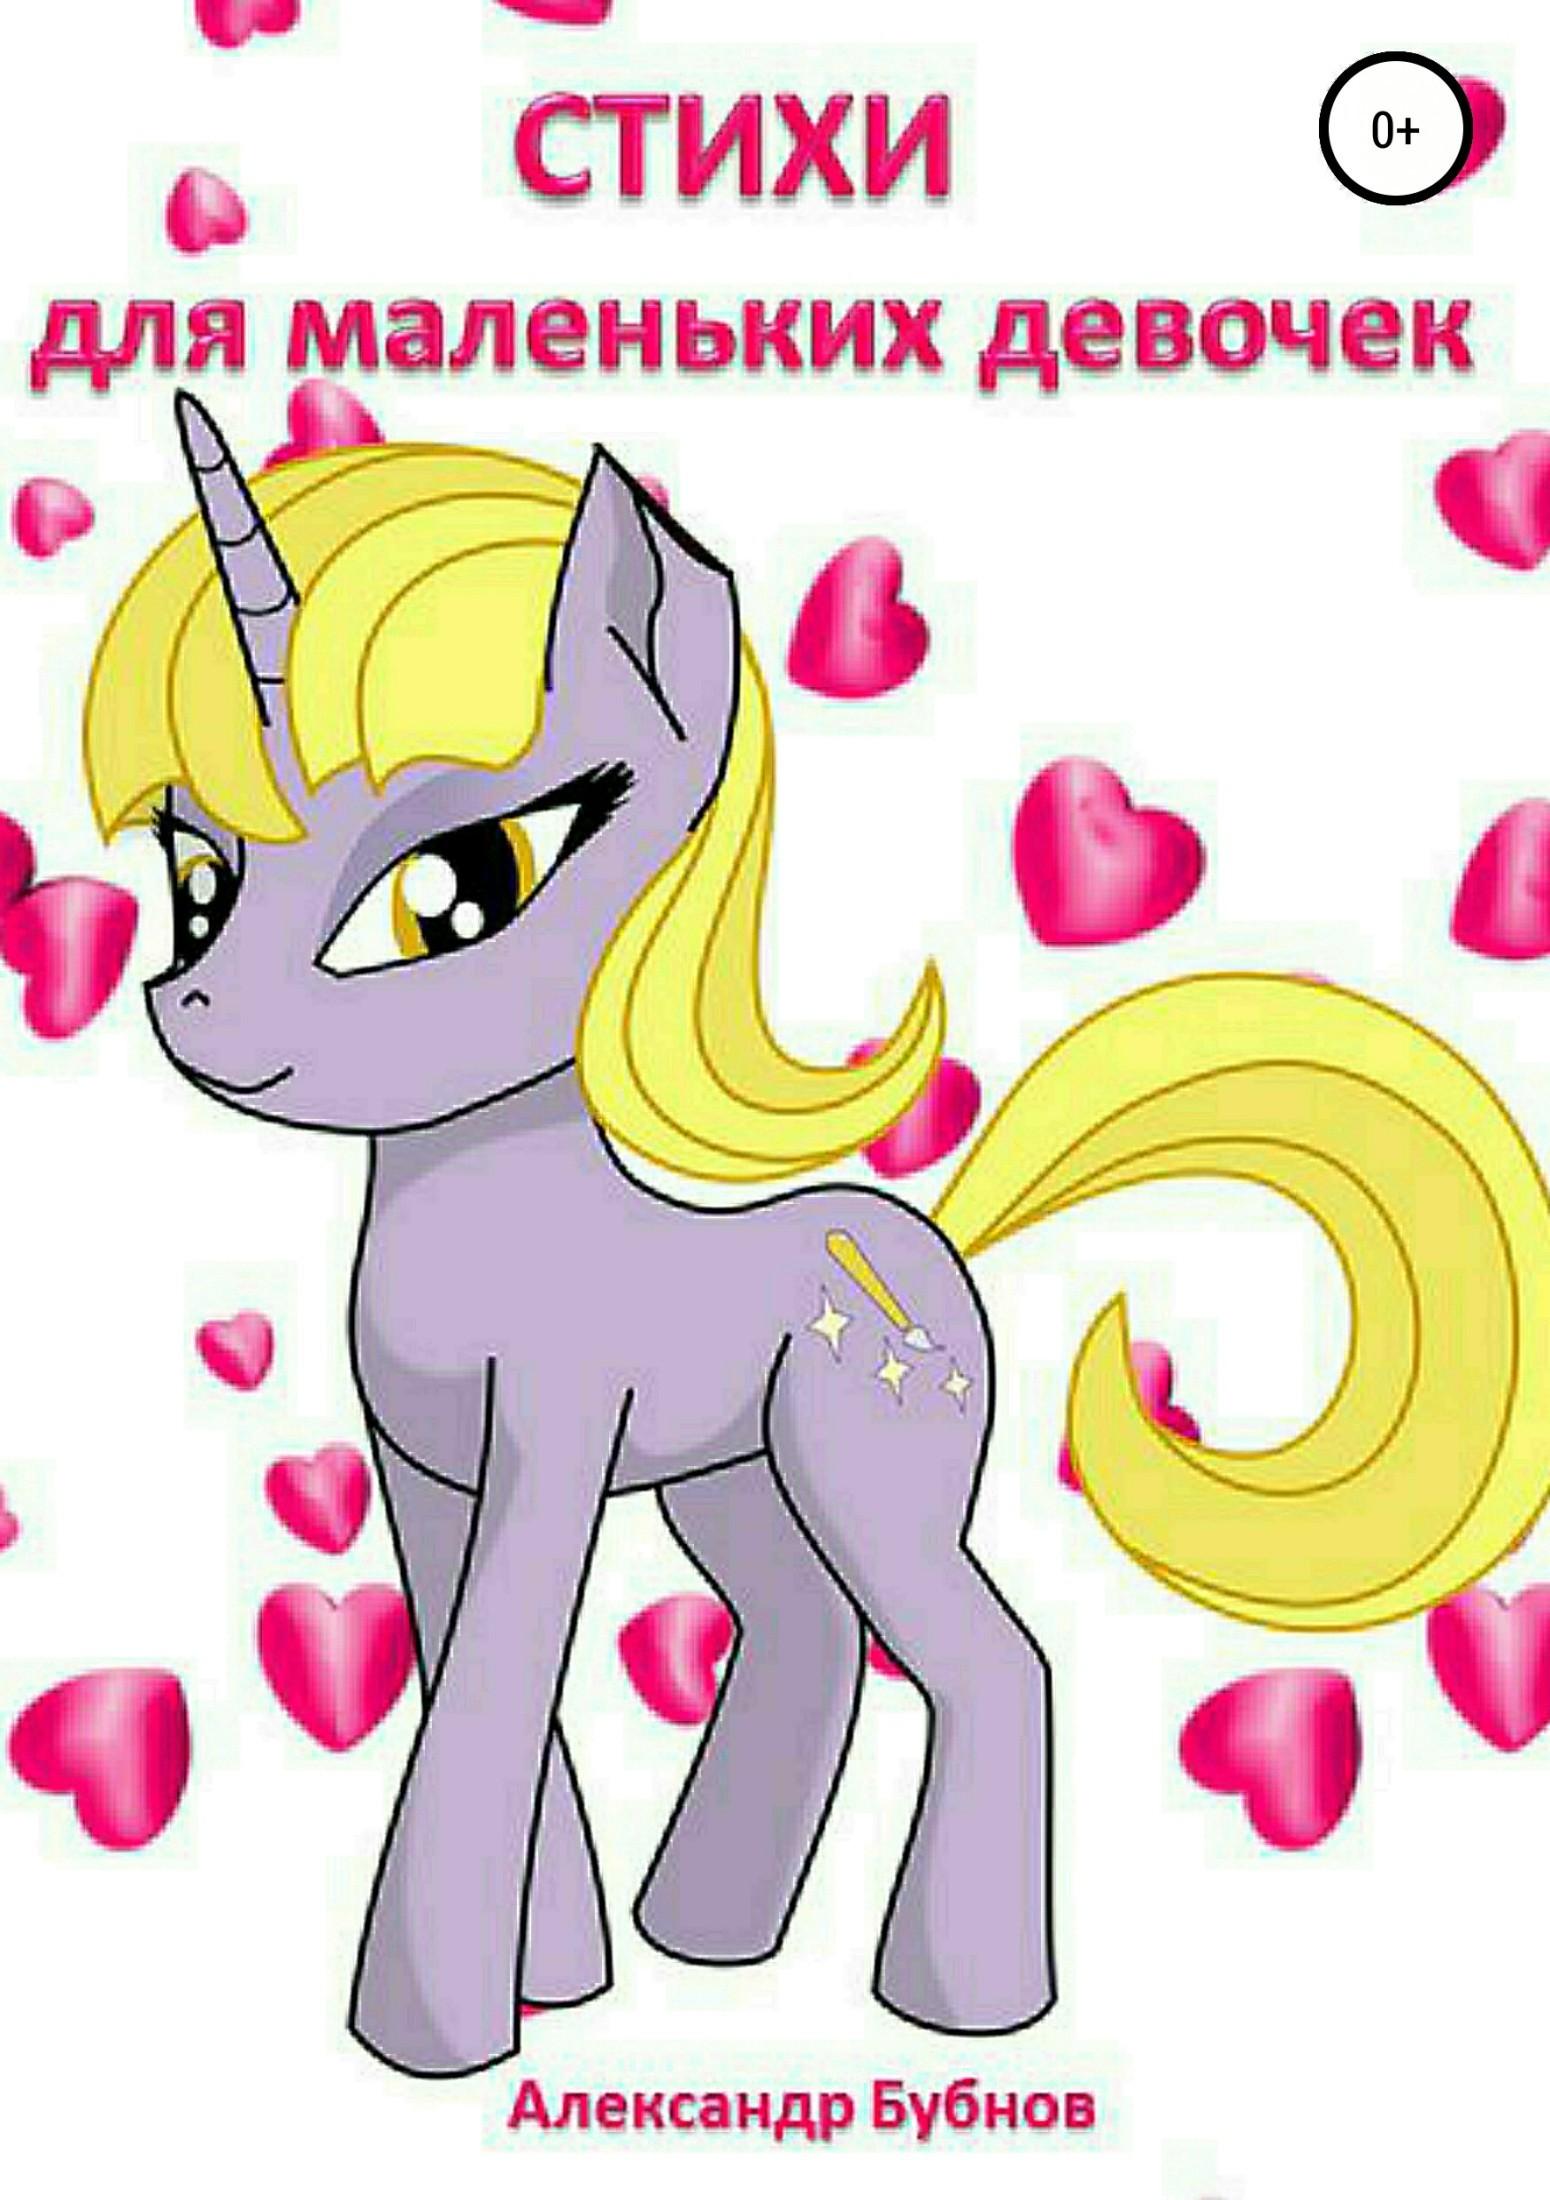 Александр Бубнов - Стихи для маленьких девочек